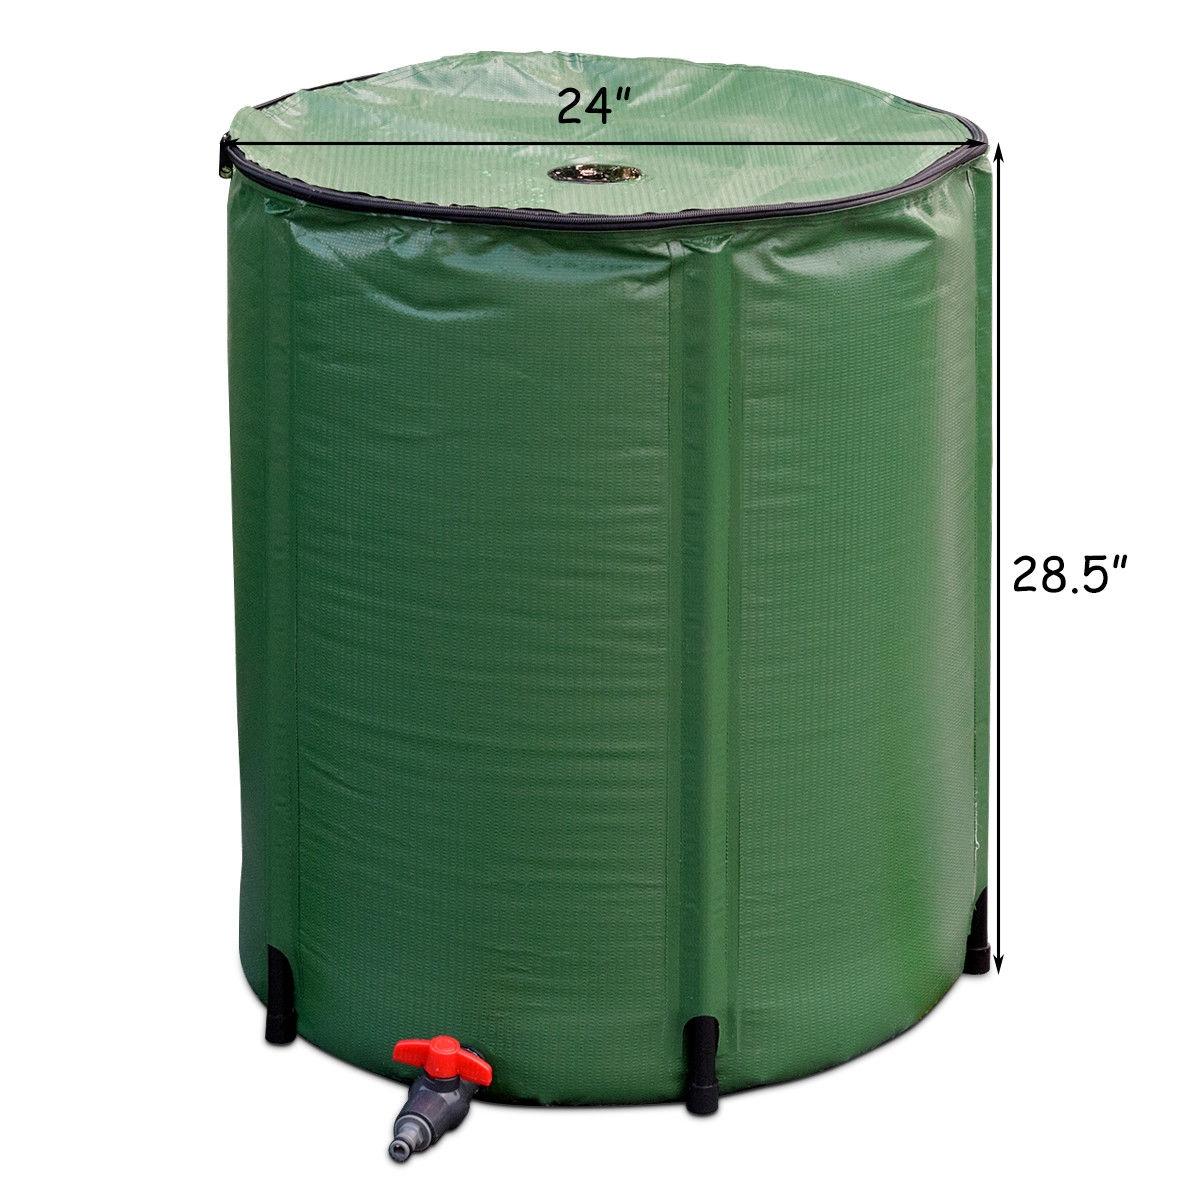 53 Gallon Portable Collapsible Rain Barrel Water Collector